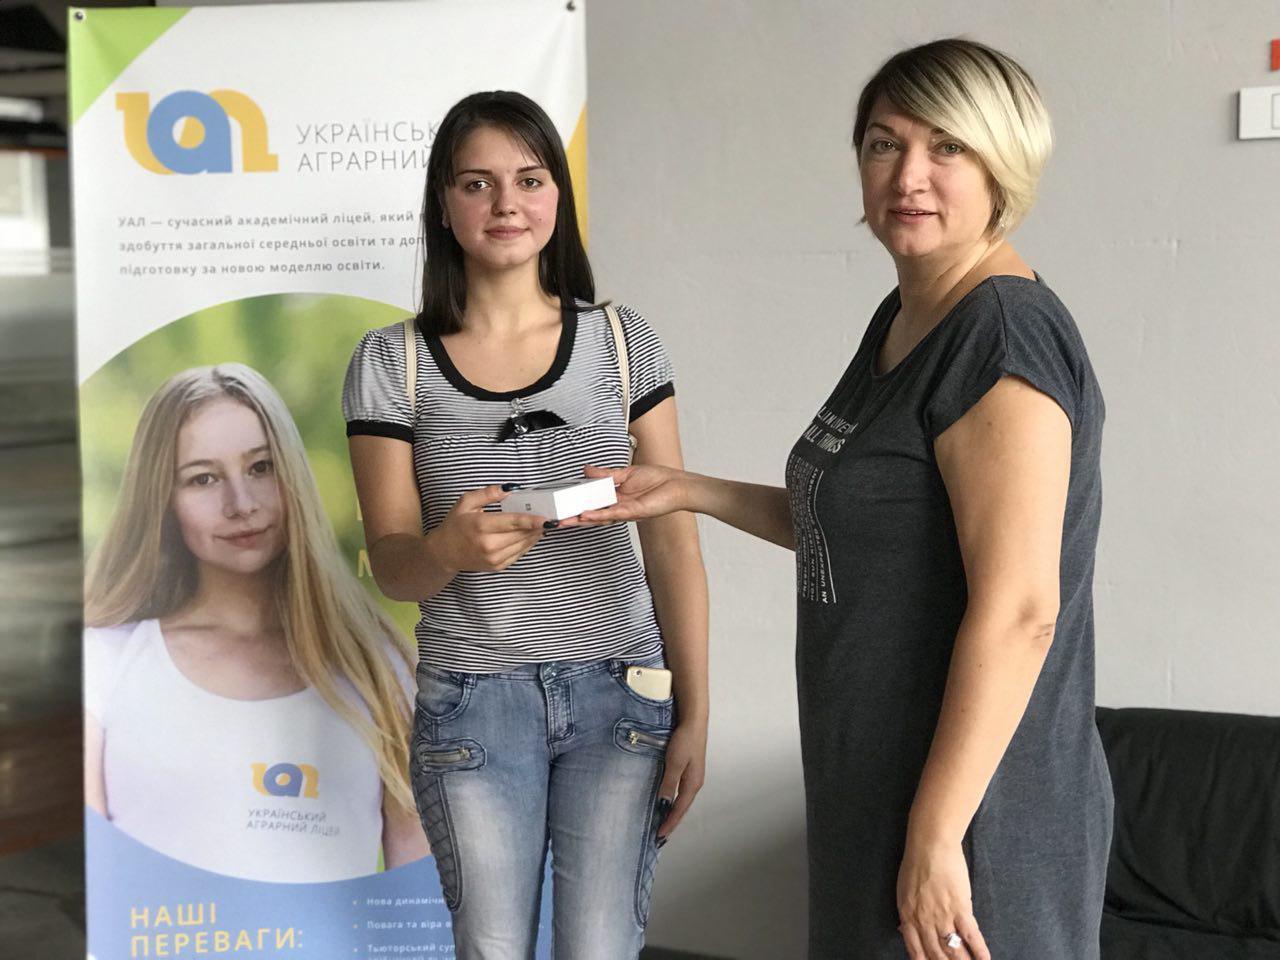 Переможниця конкурсу приїхала в ліцей за подарунком та поділилась враженнями